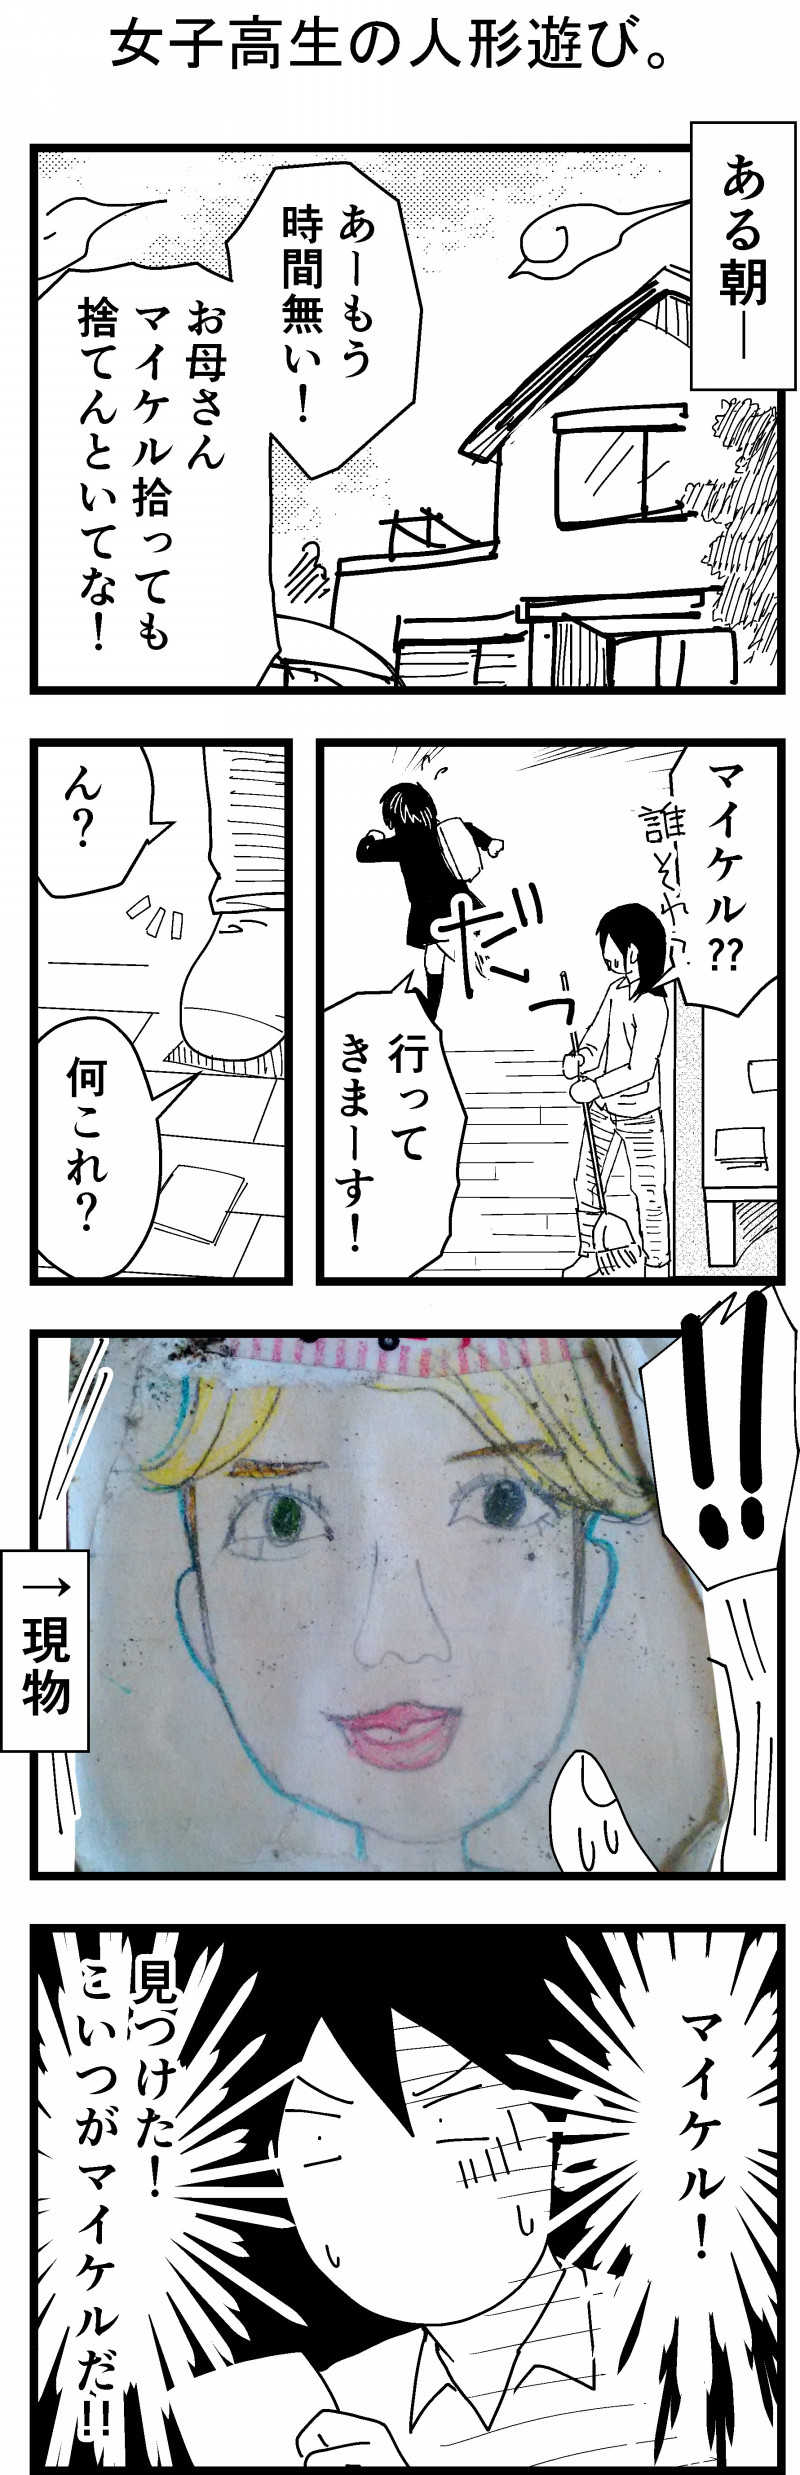 女子高生の人形遊び。